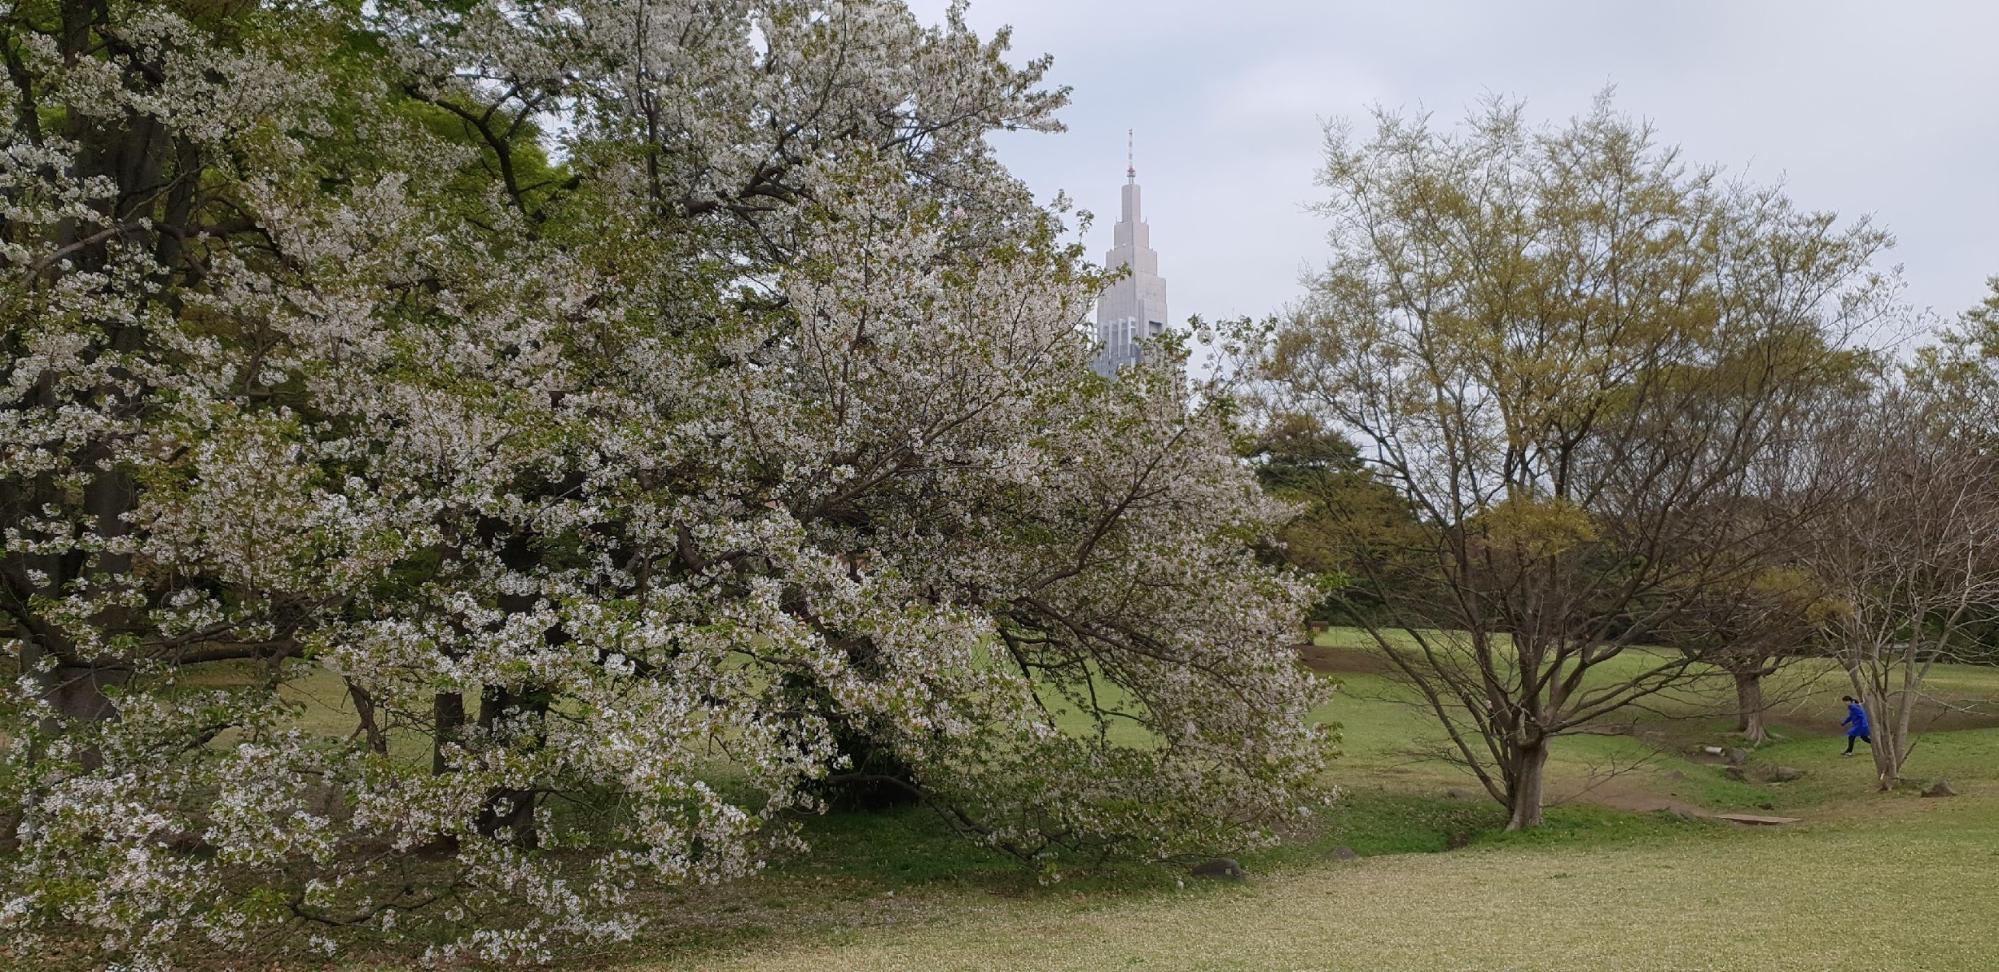 hoa anh đào trắng ở đền meiji